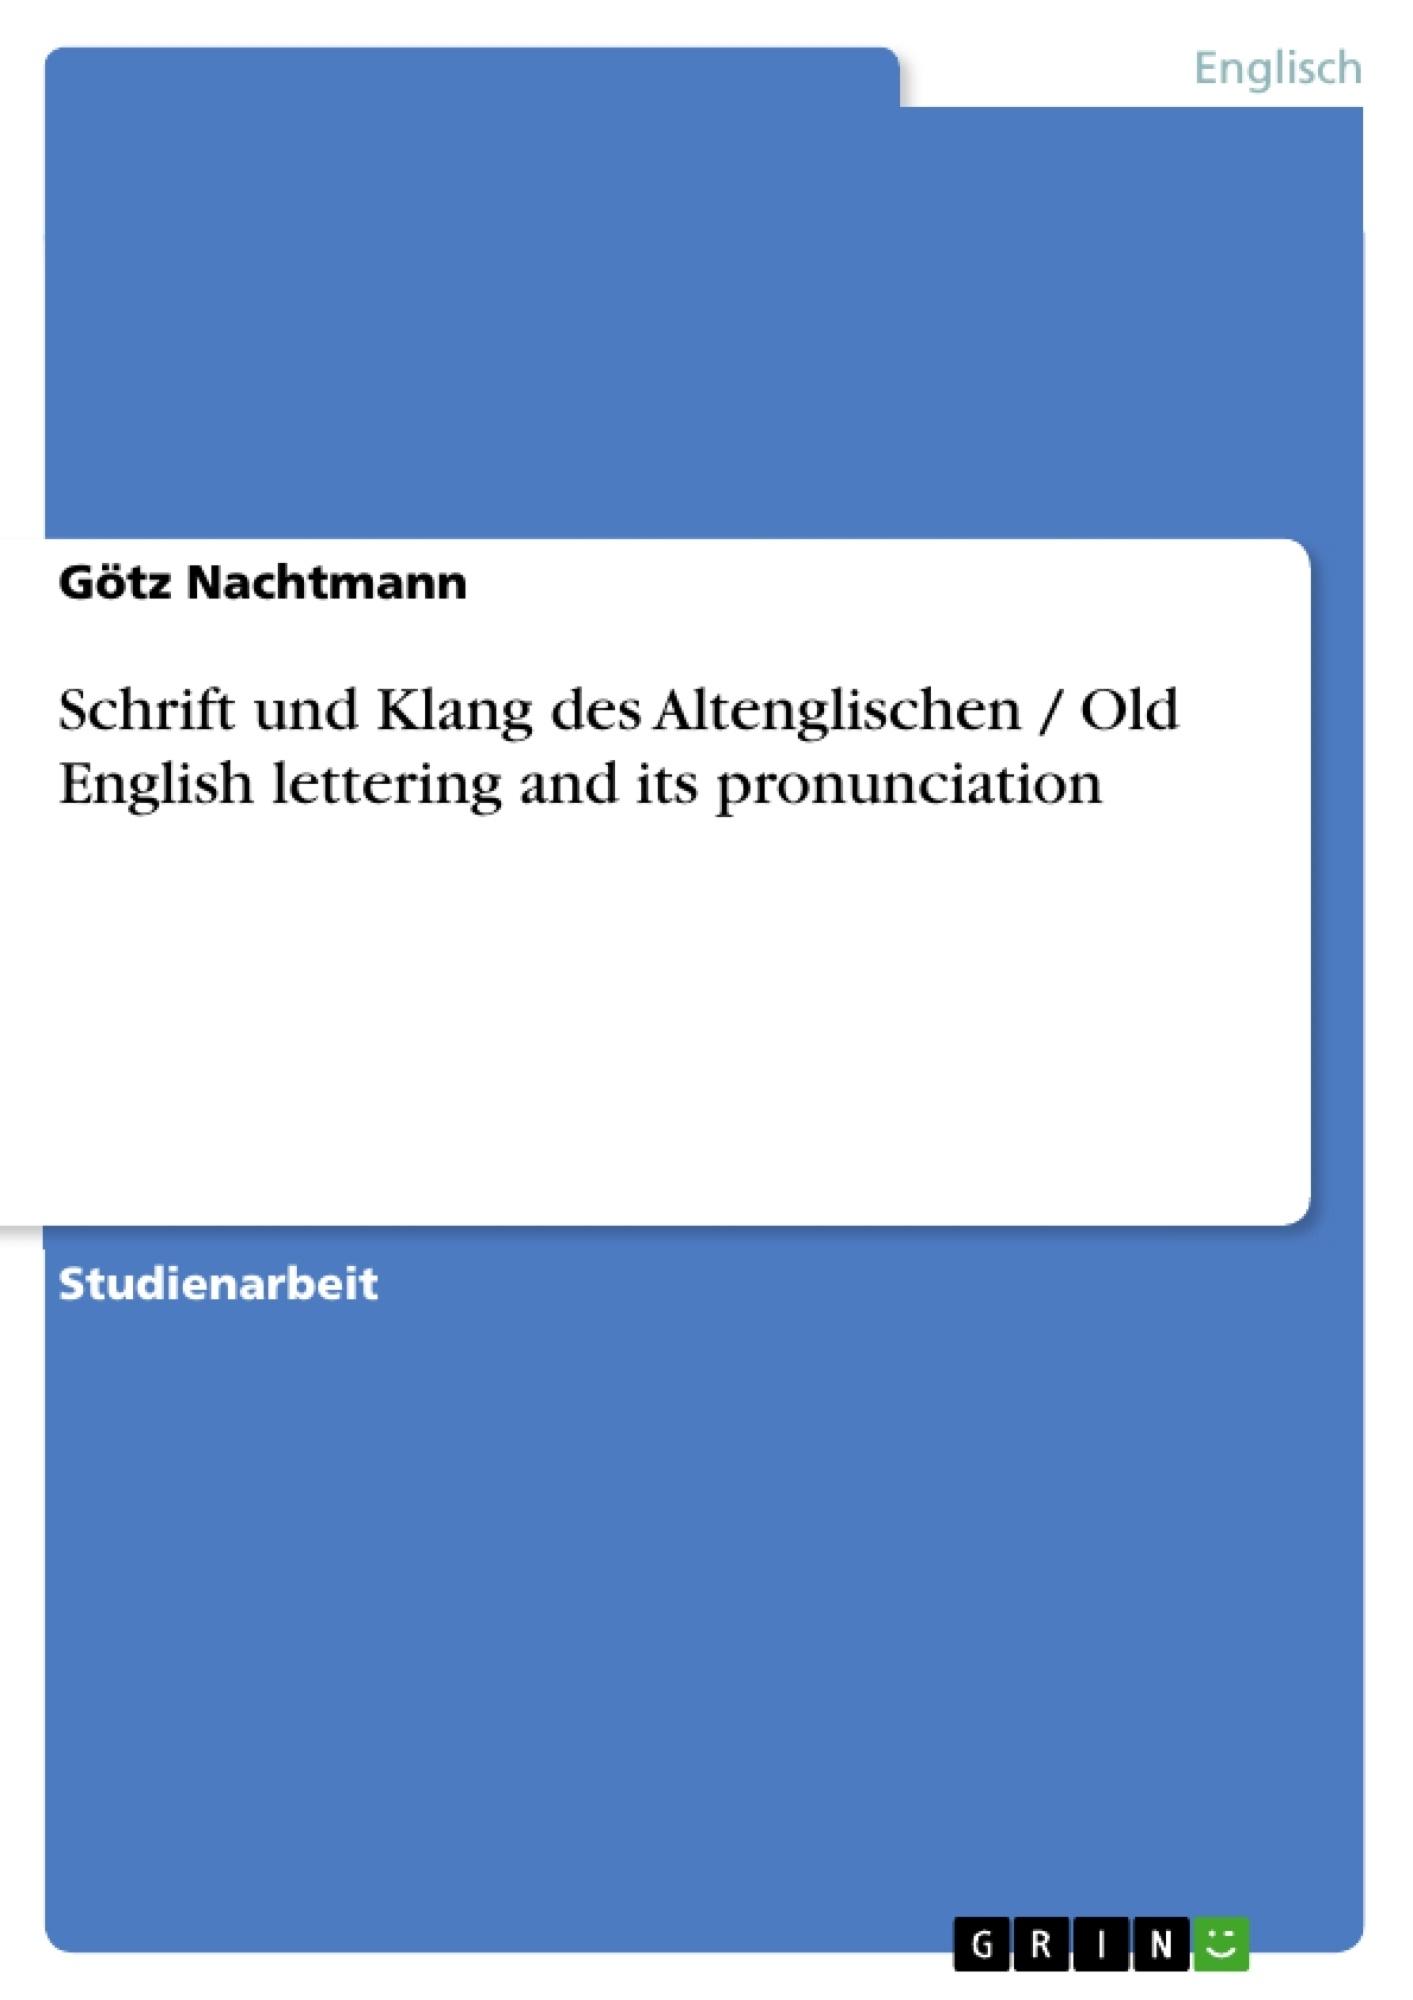 Titel: Schrift und Klang des Altenglischen / Old English lettering and its pronunciation